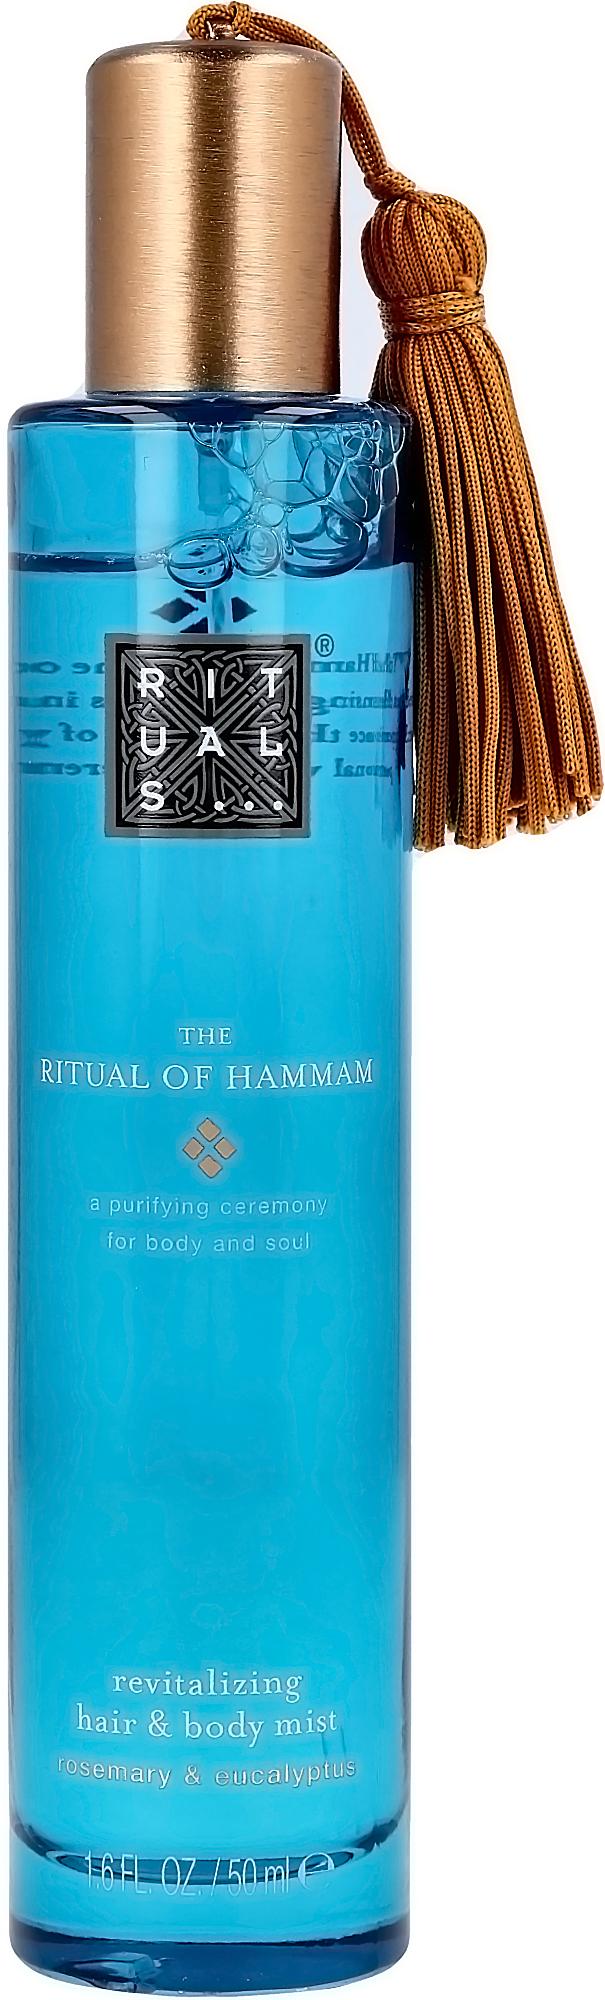 godaste doften rituals